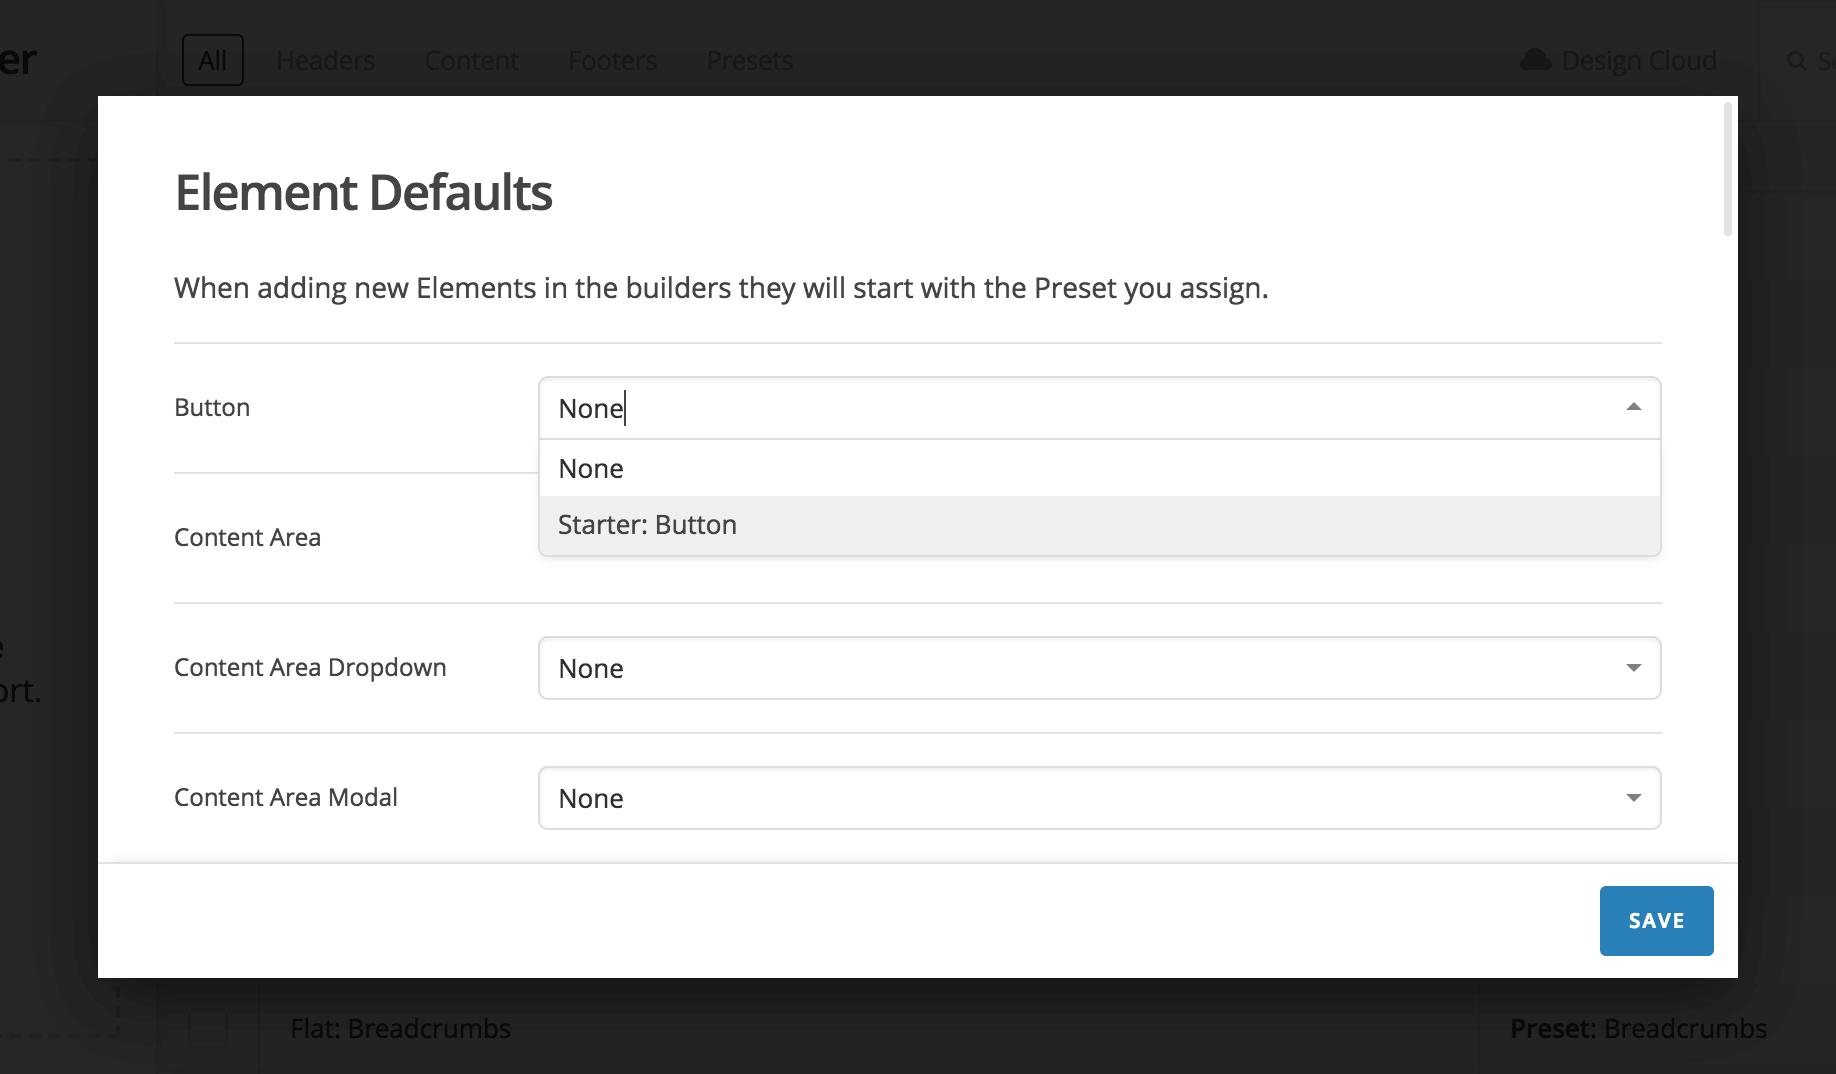 Default Element Selection Interface